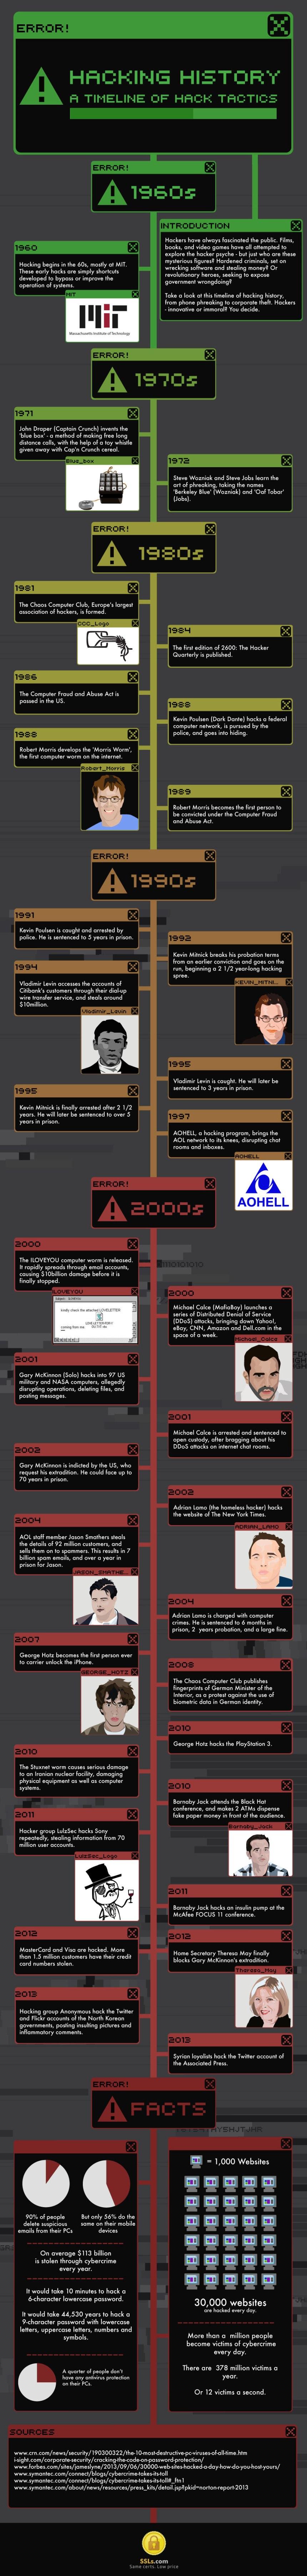 Historia del hacking